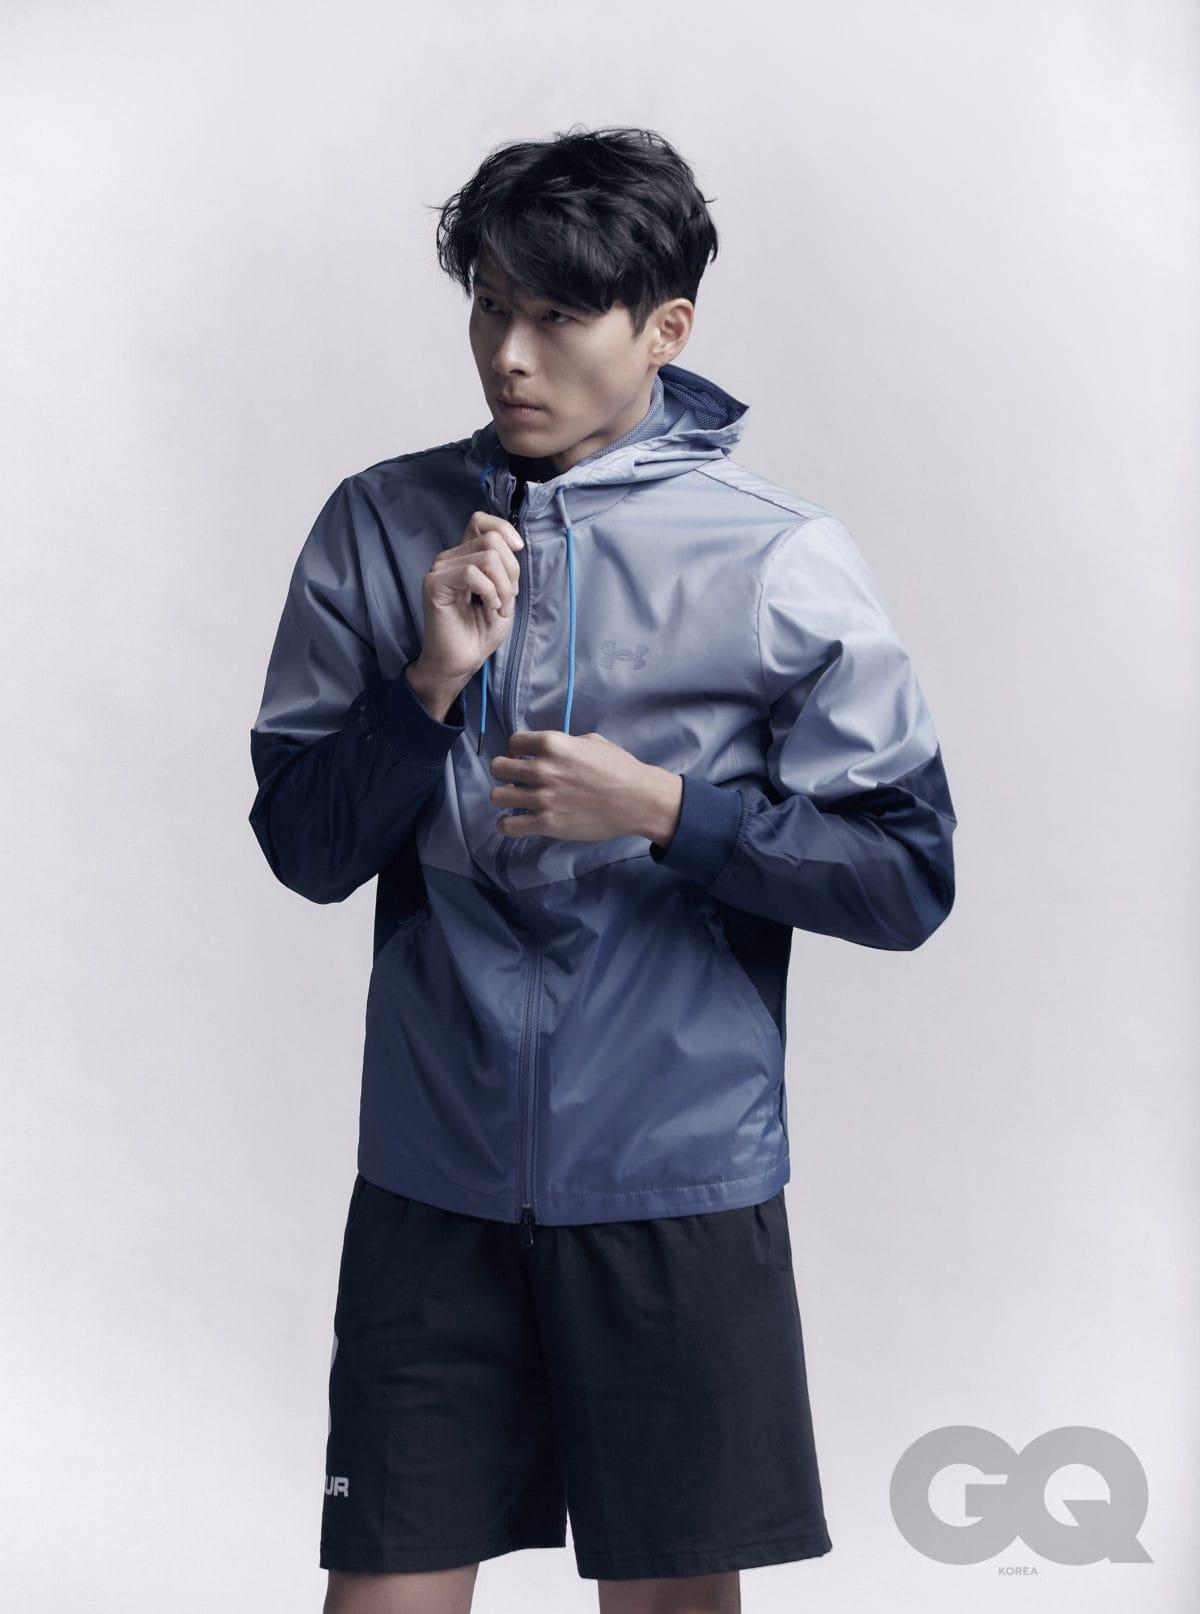 Hyun Bin 11